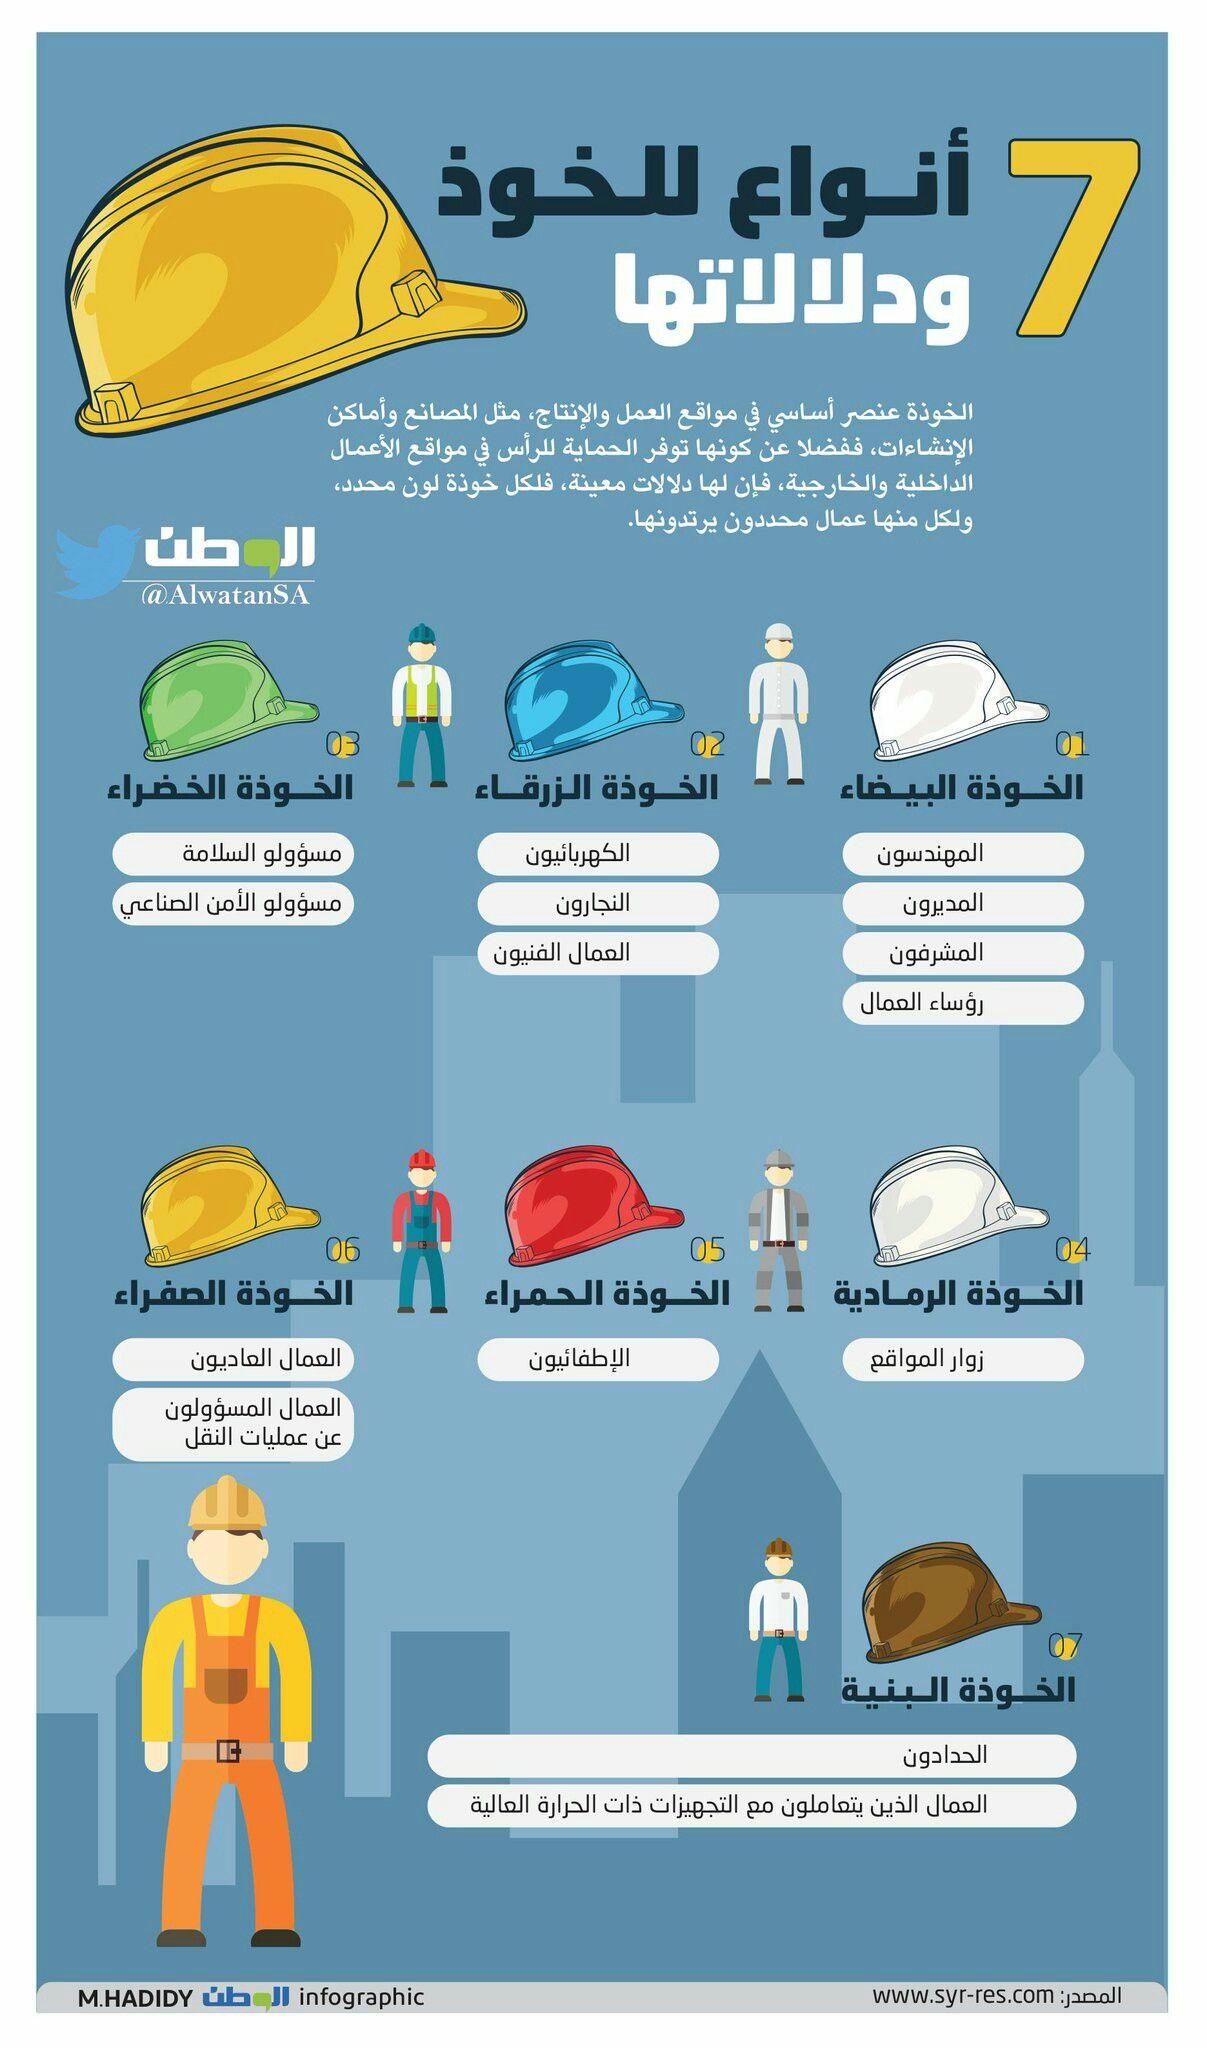 7 أنواع للخوذ ودلالاتها. Operations management